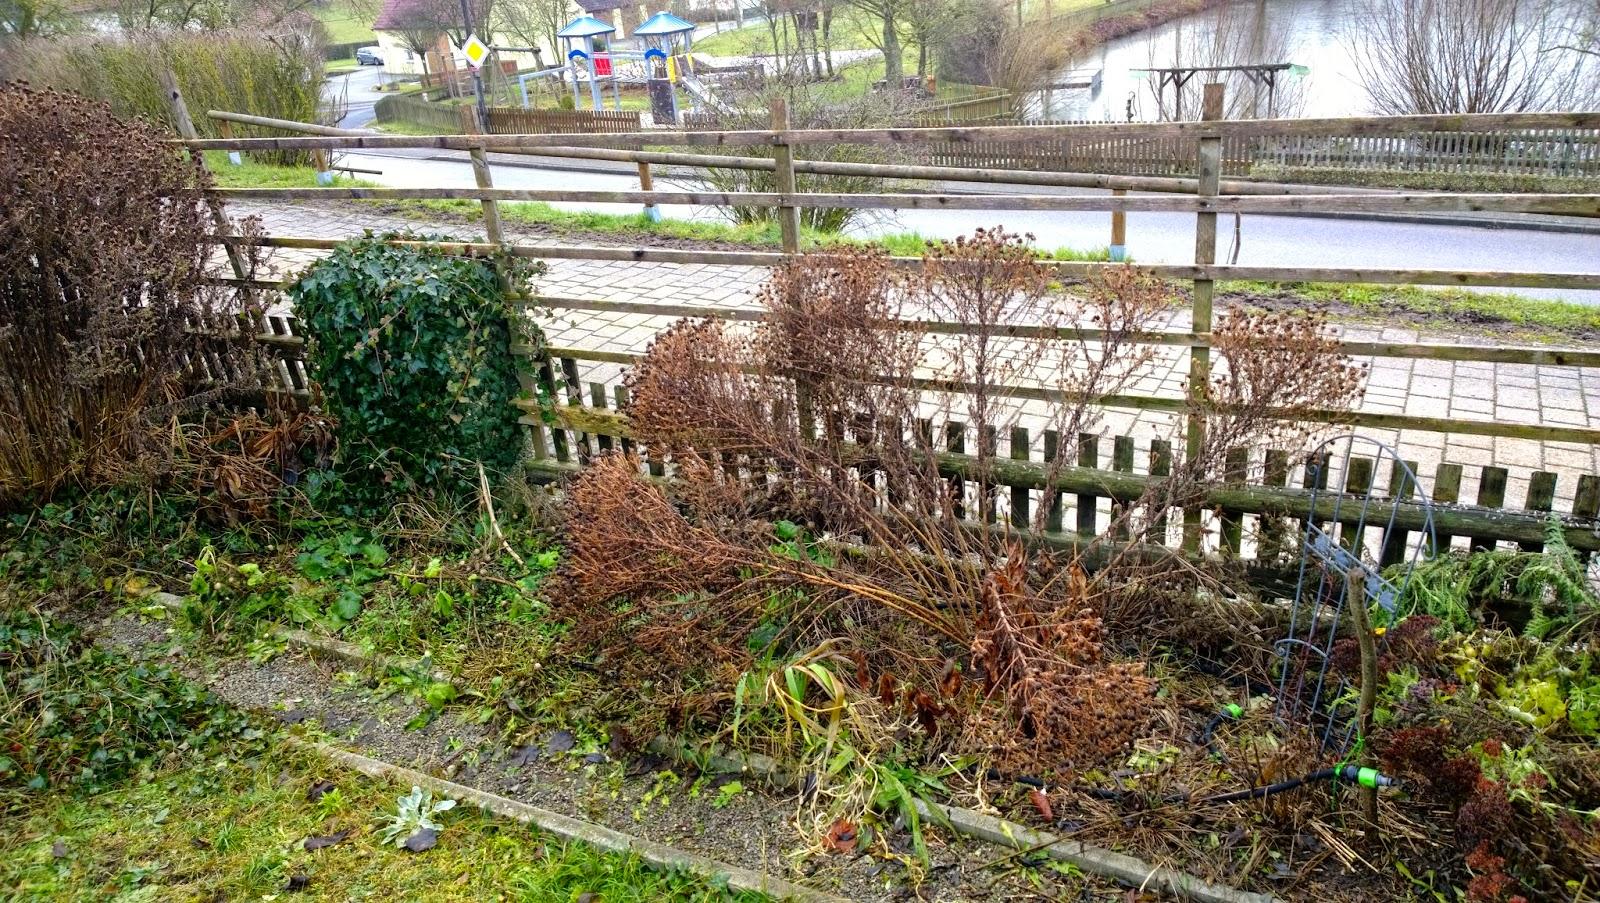 Kleiner Zaun Fur Beet Kleiner Garten Mit Bepflanzung Rollrasen Und